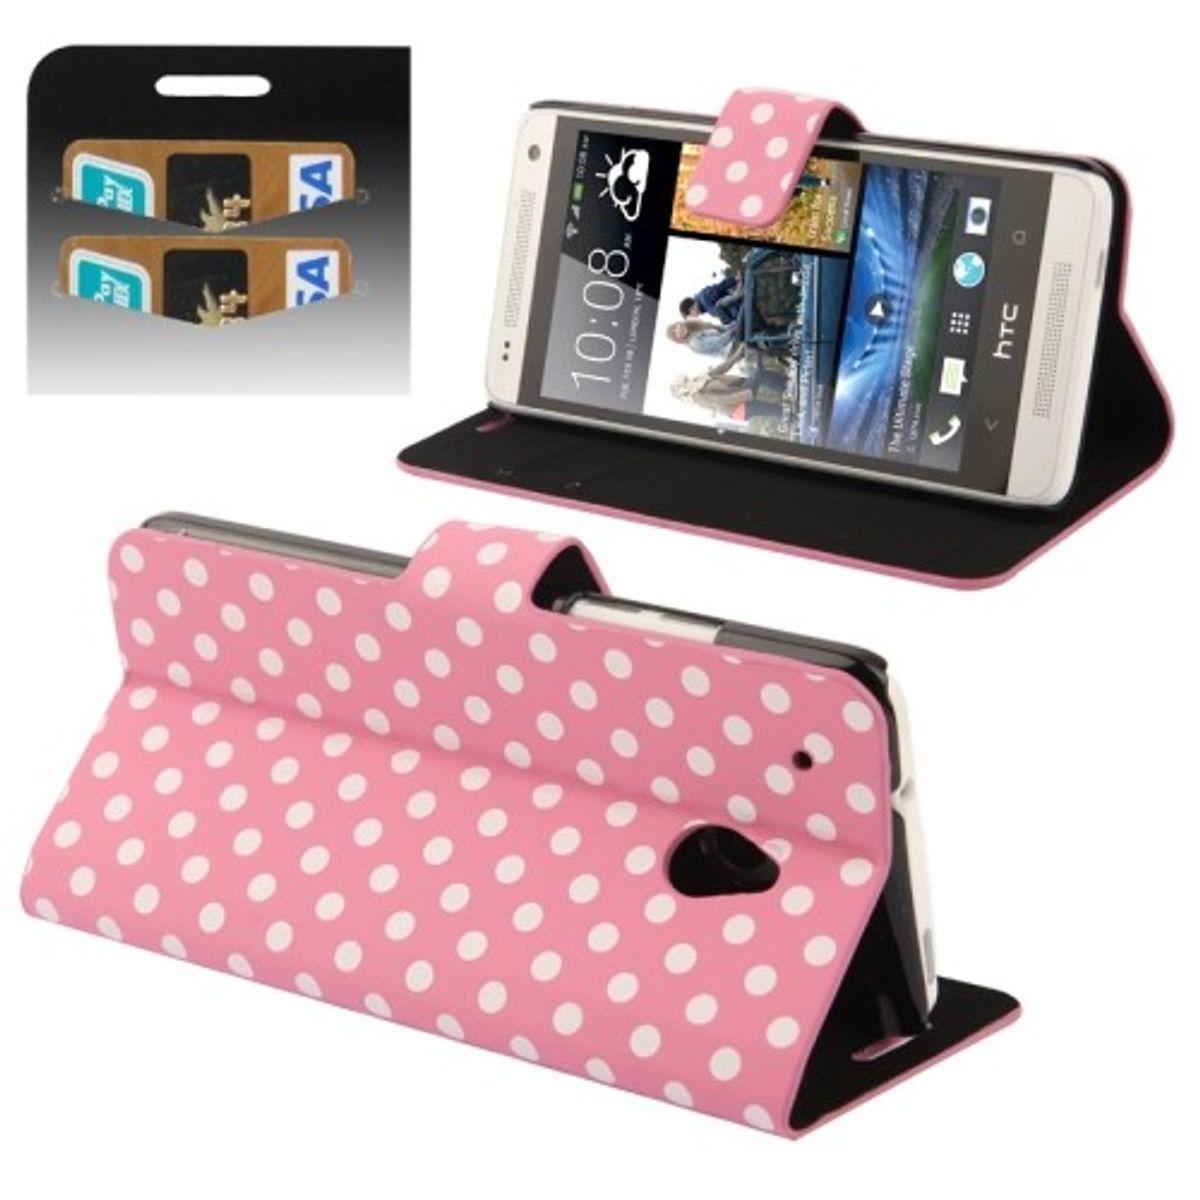 Schutzhülle Handytasche (Flip Quer) für Handy HTC One mini M4 Rosa / Weiß